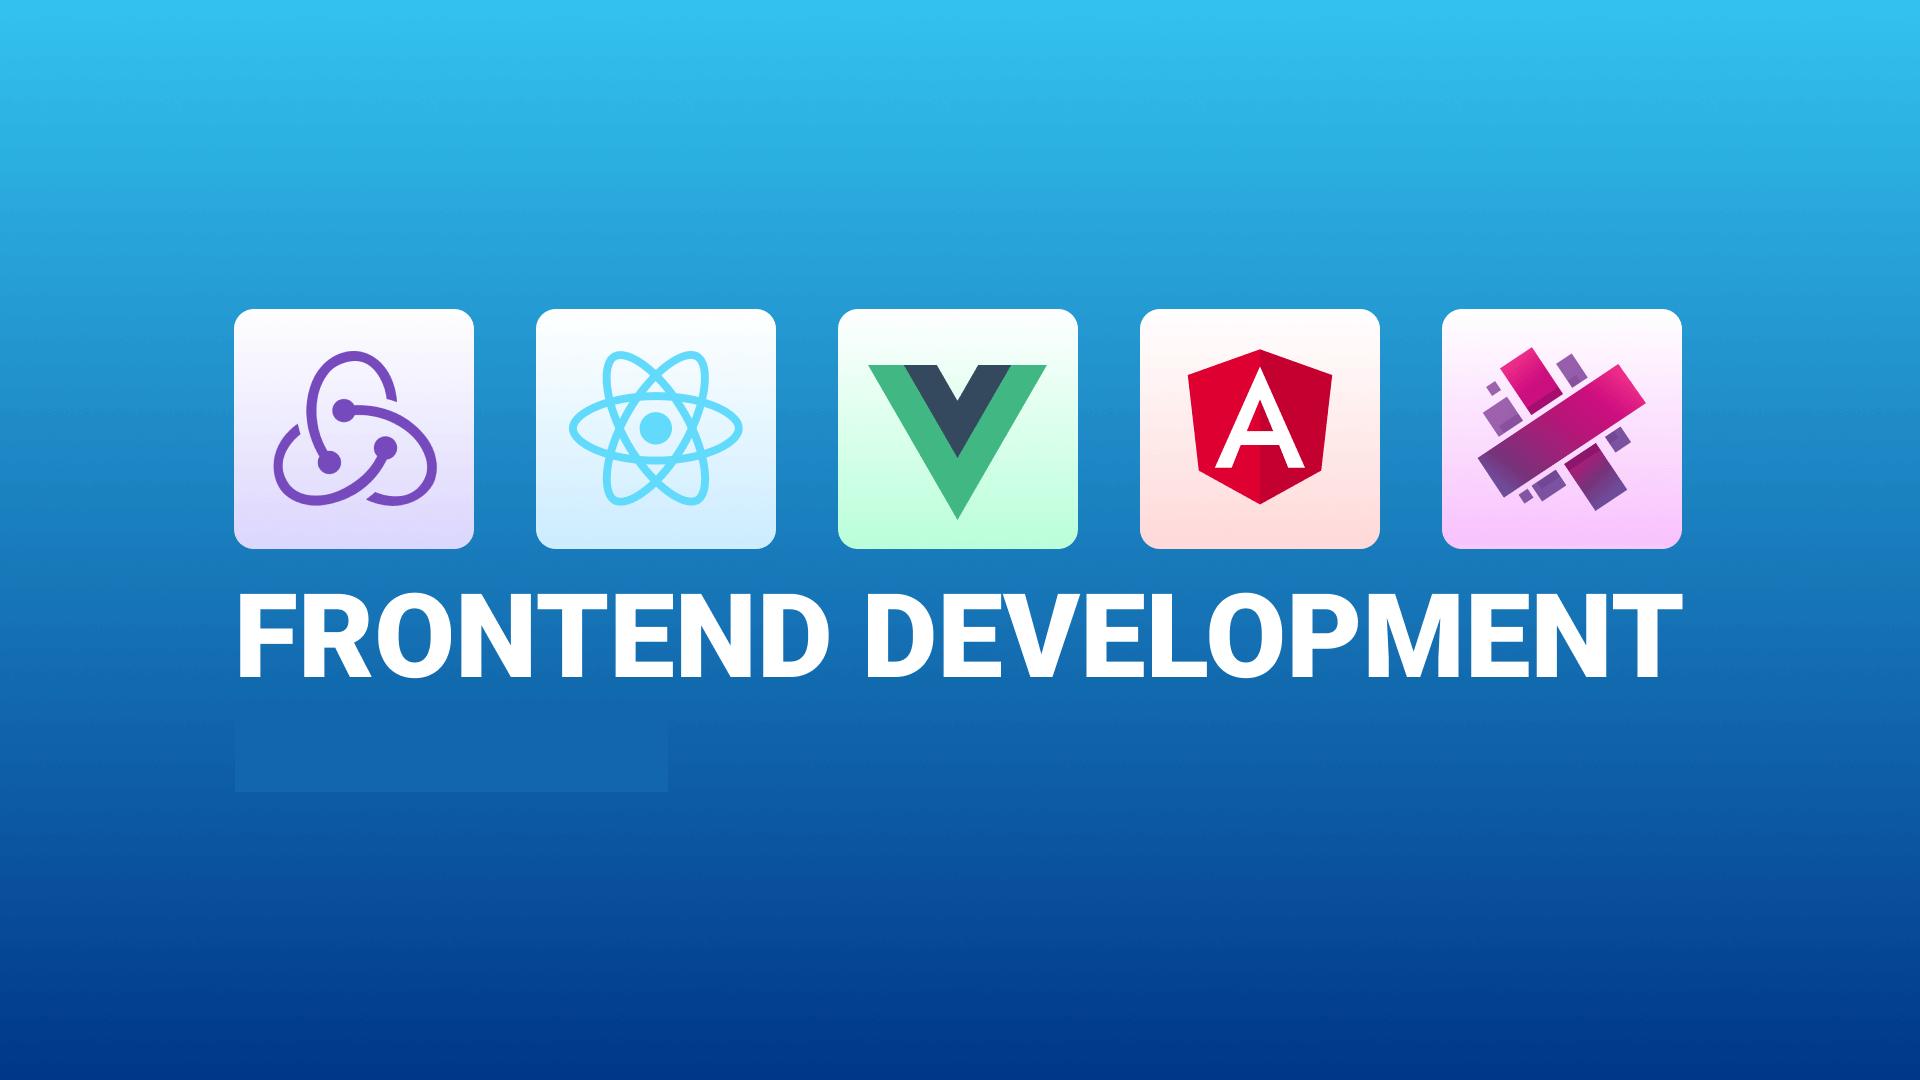 Frontend Developer Right Career For Me?